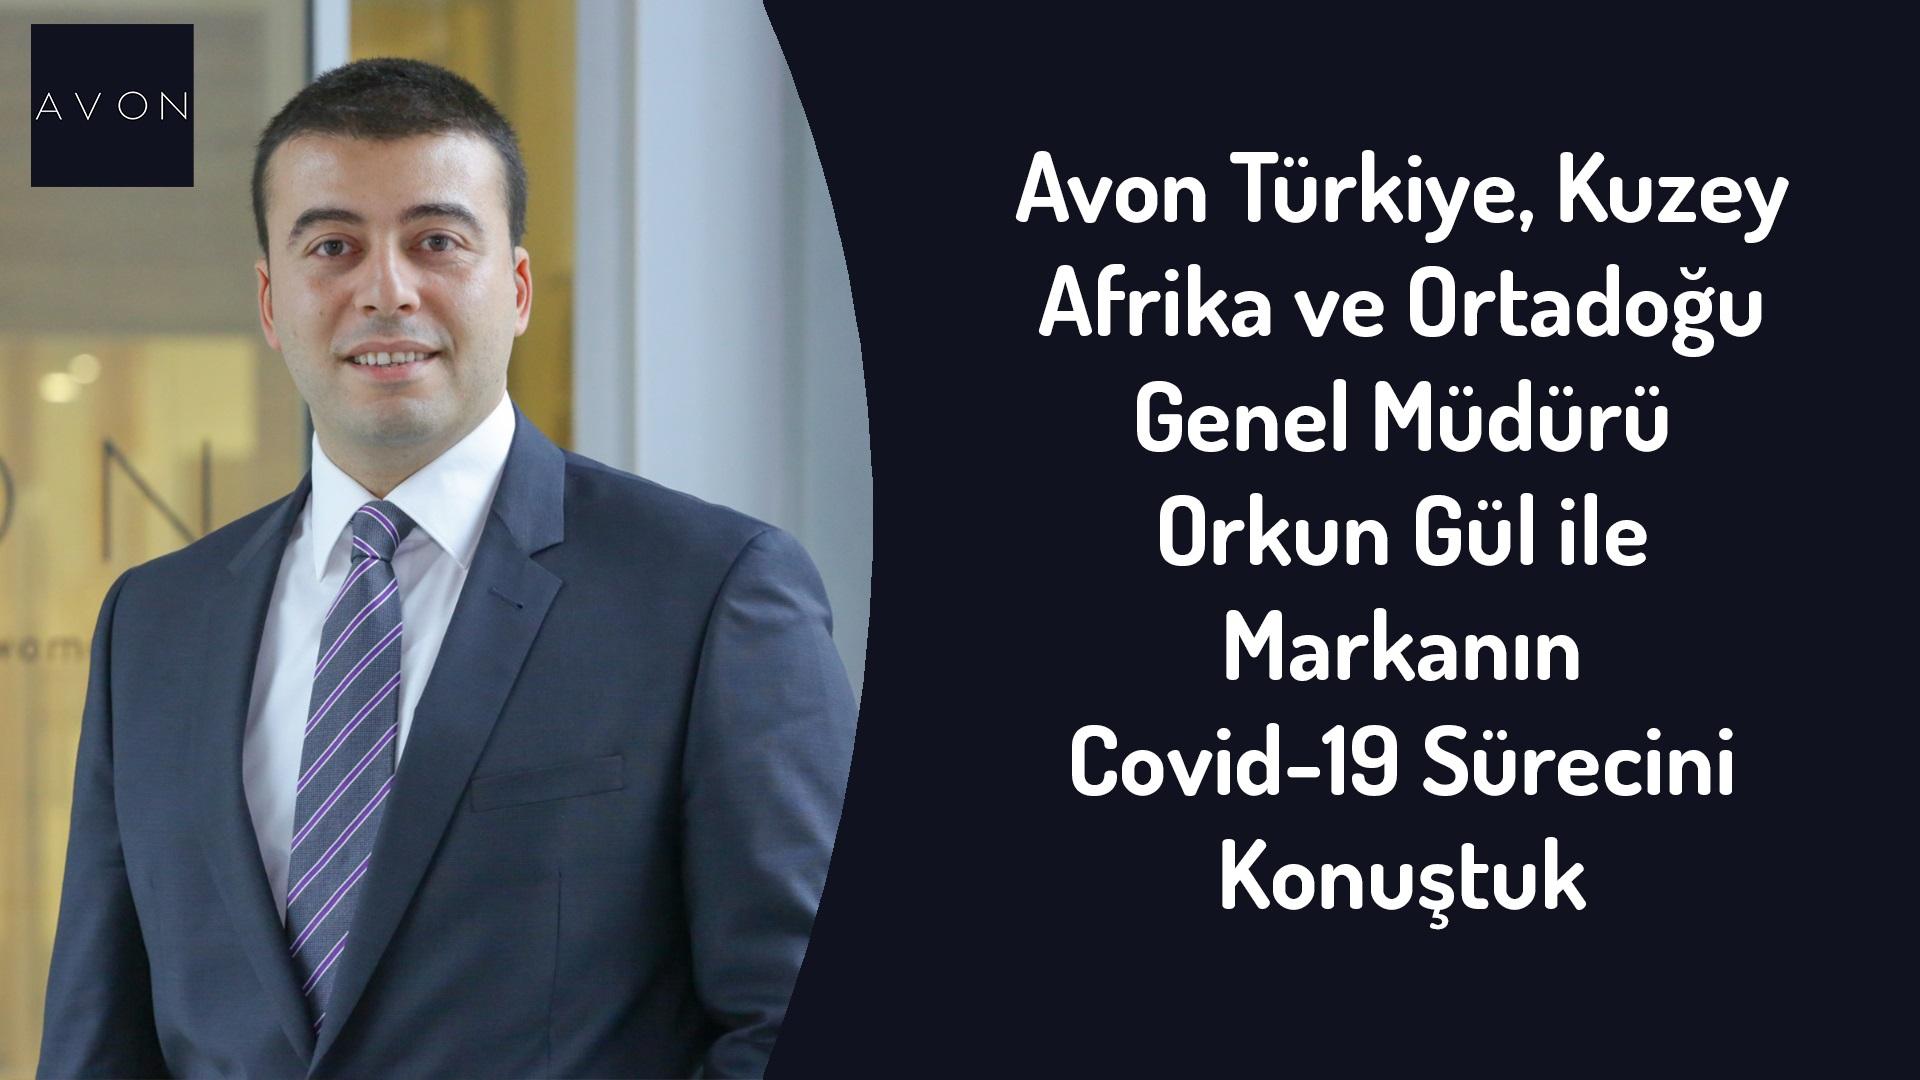 Avon Türkiye Kuzey Afrika ve Ortadoğu Genel Müdürü Orkun Gül İle Covid-19 Dönemini Değerlendirdik